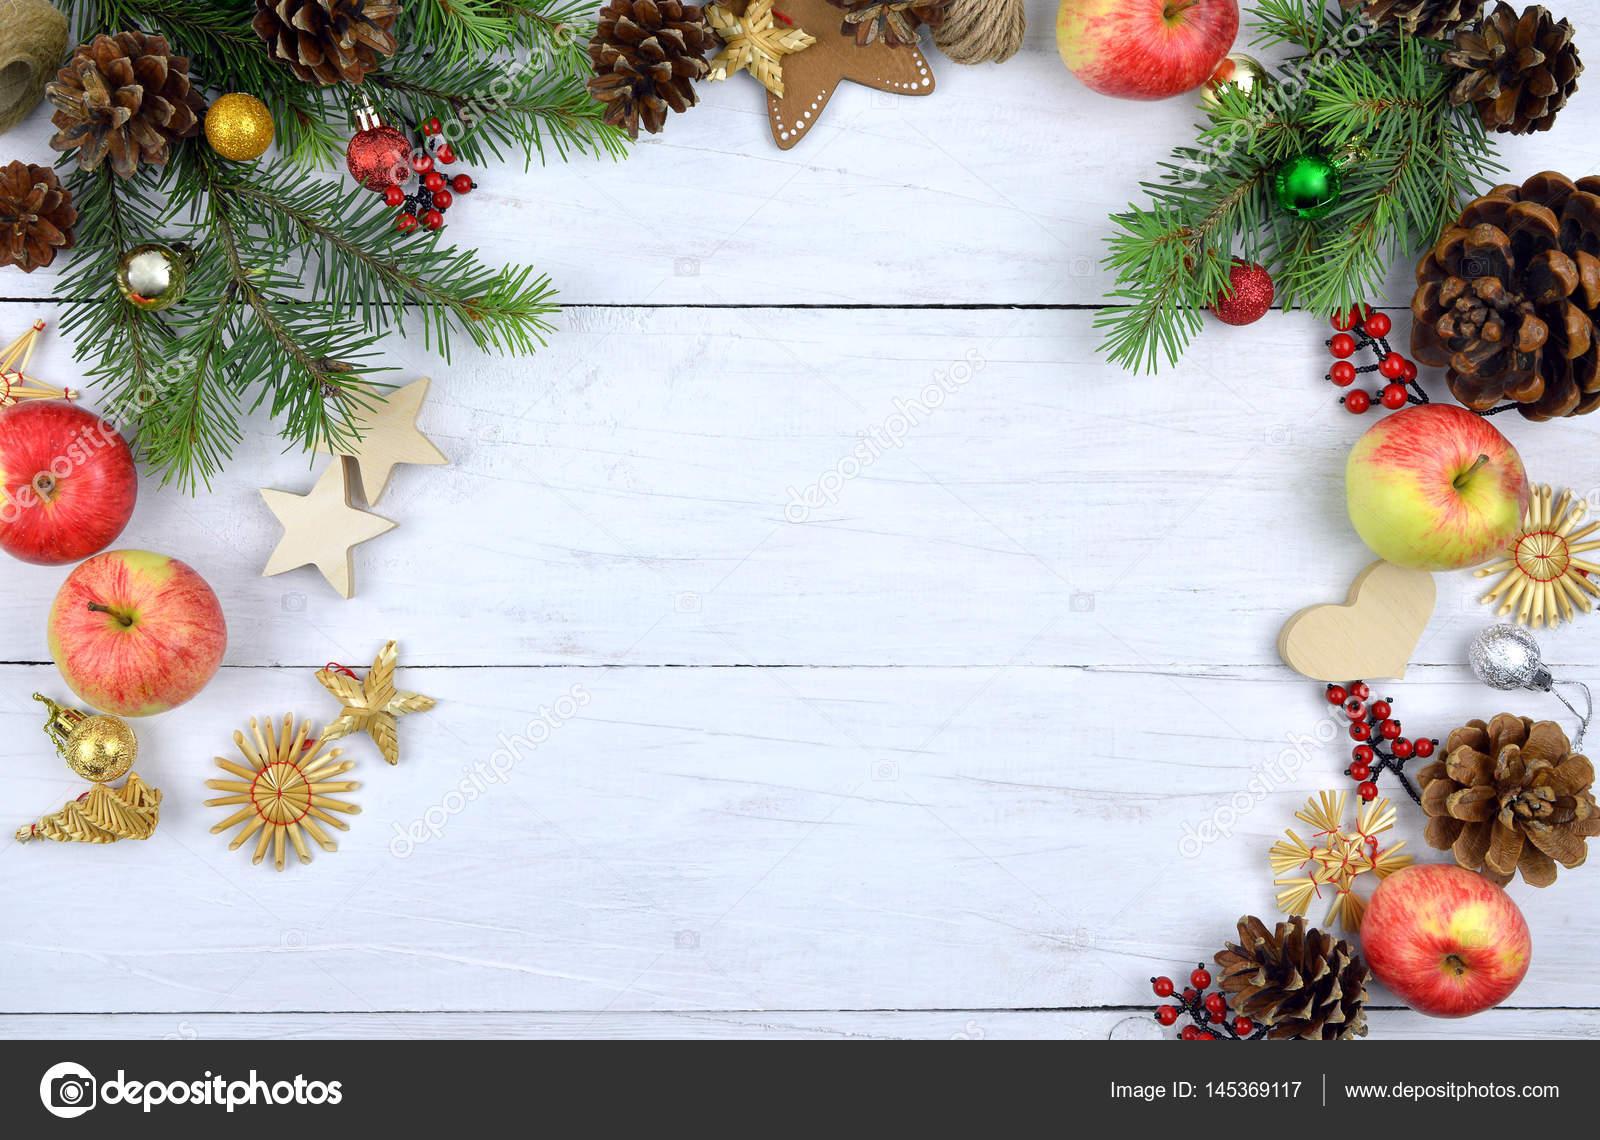 Feestdagen Natuurlijke Kerstdecoratie : Kerst houten achtergrond rustieke natuurlijke elementen